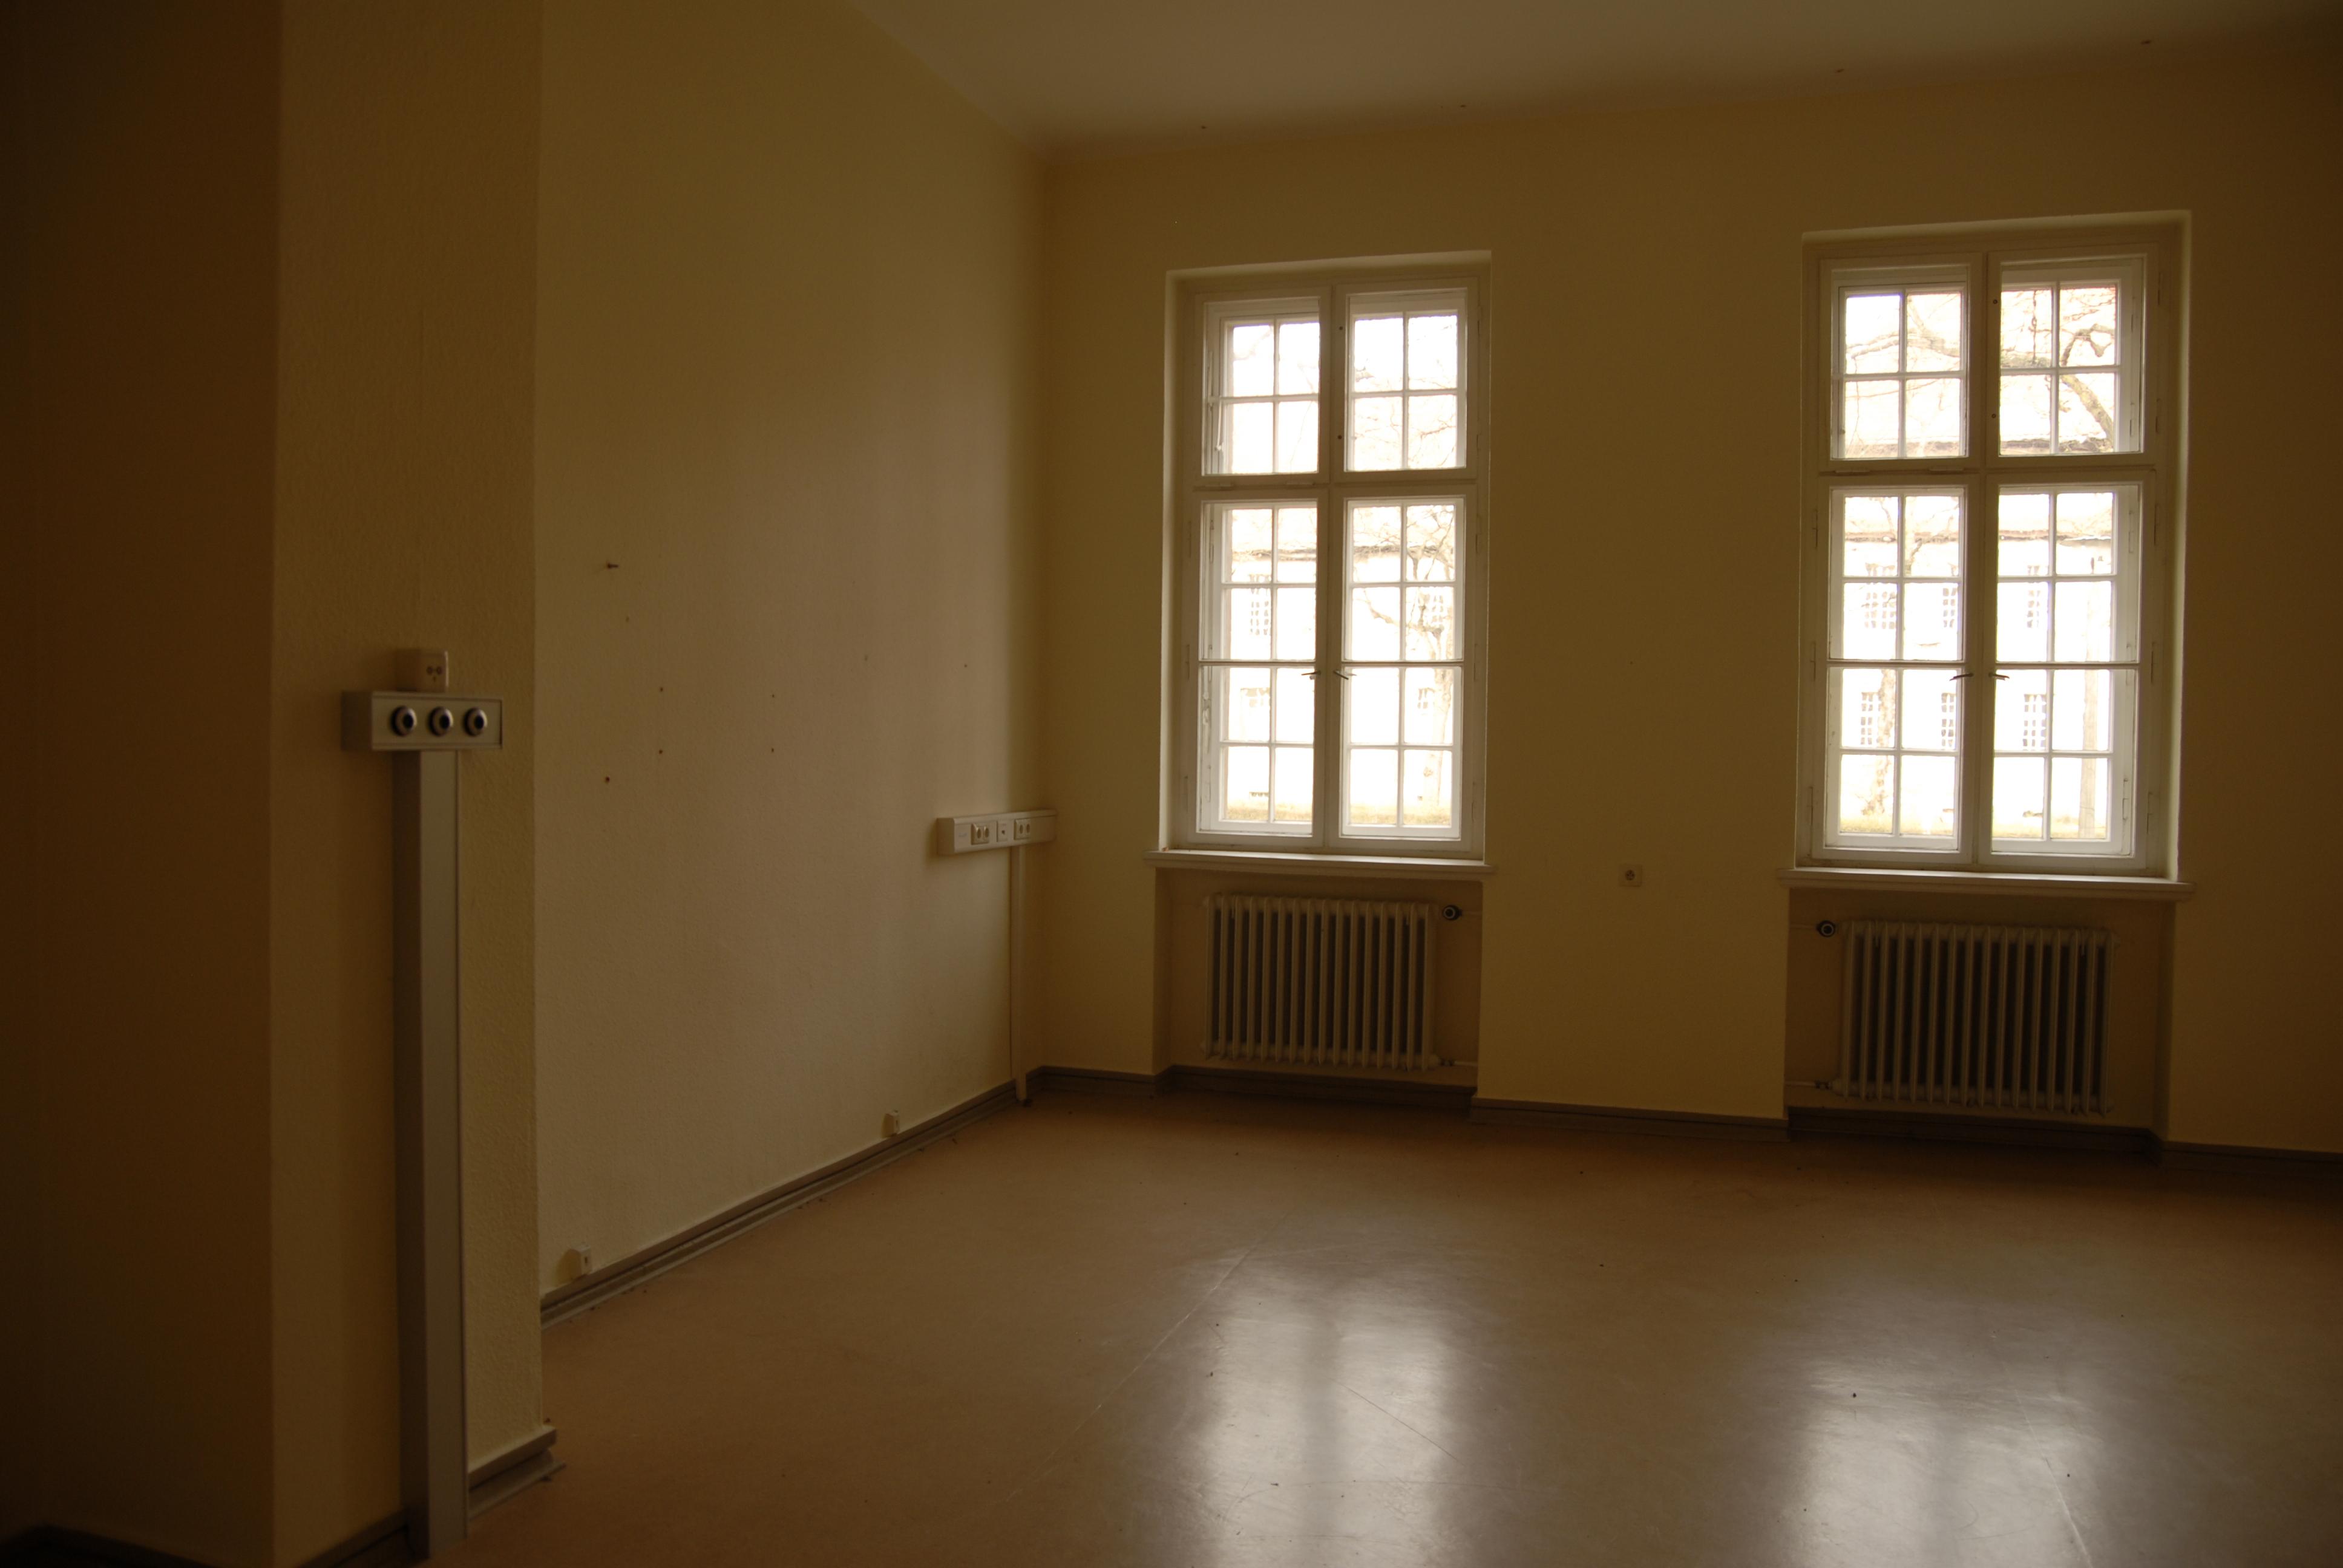 Aufpfählung die Zweite im Haus 115 Berlin Buch – Lebensrettende ...